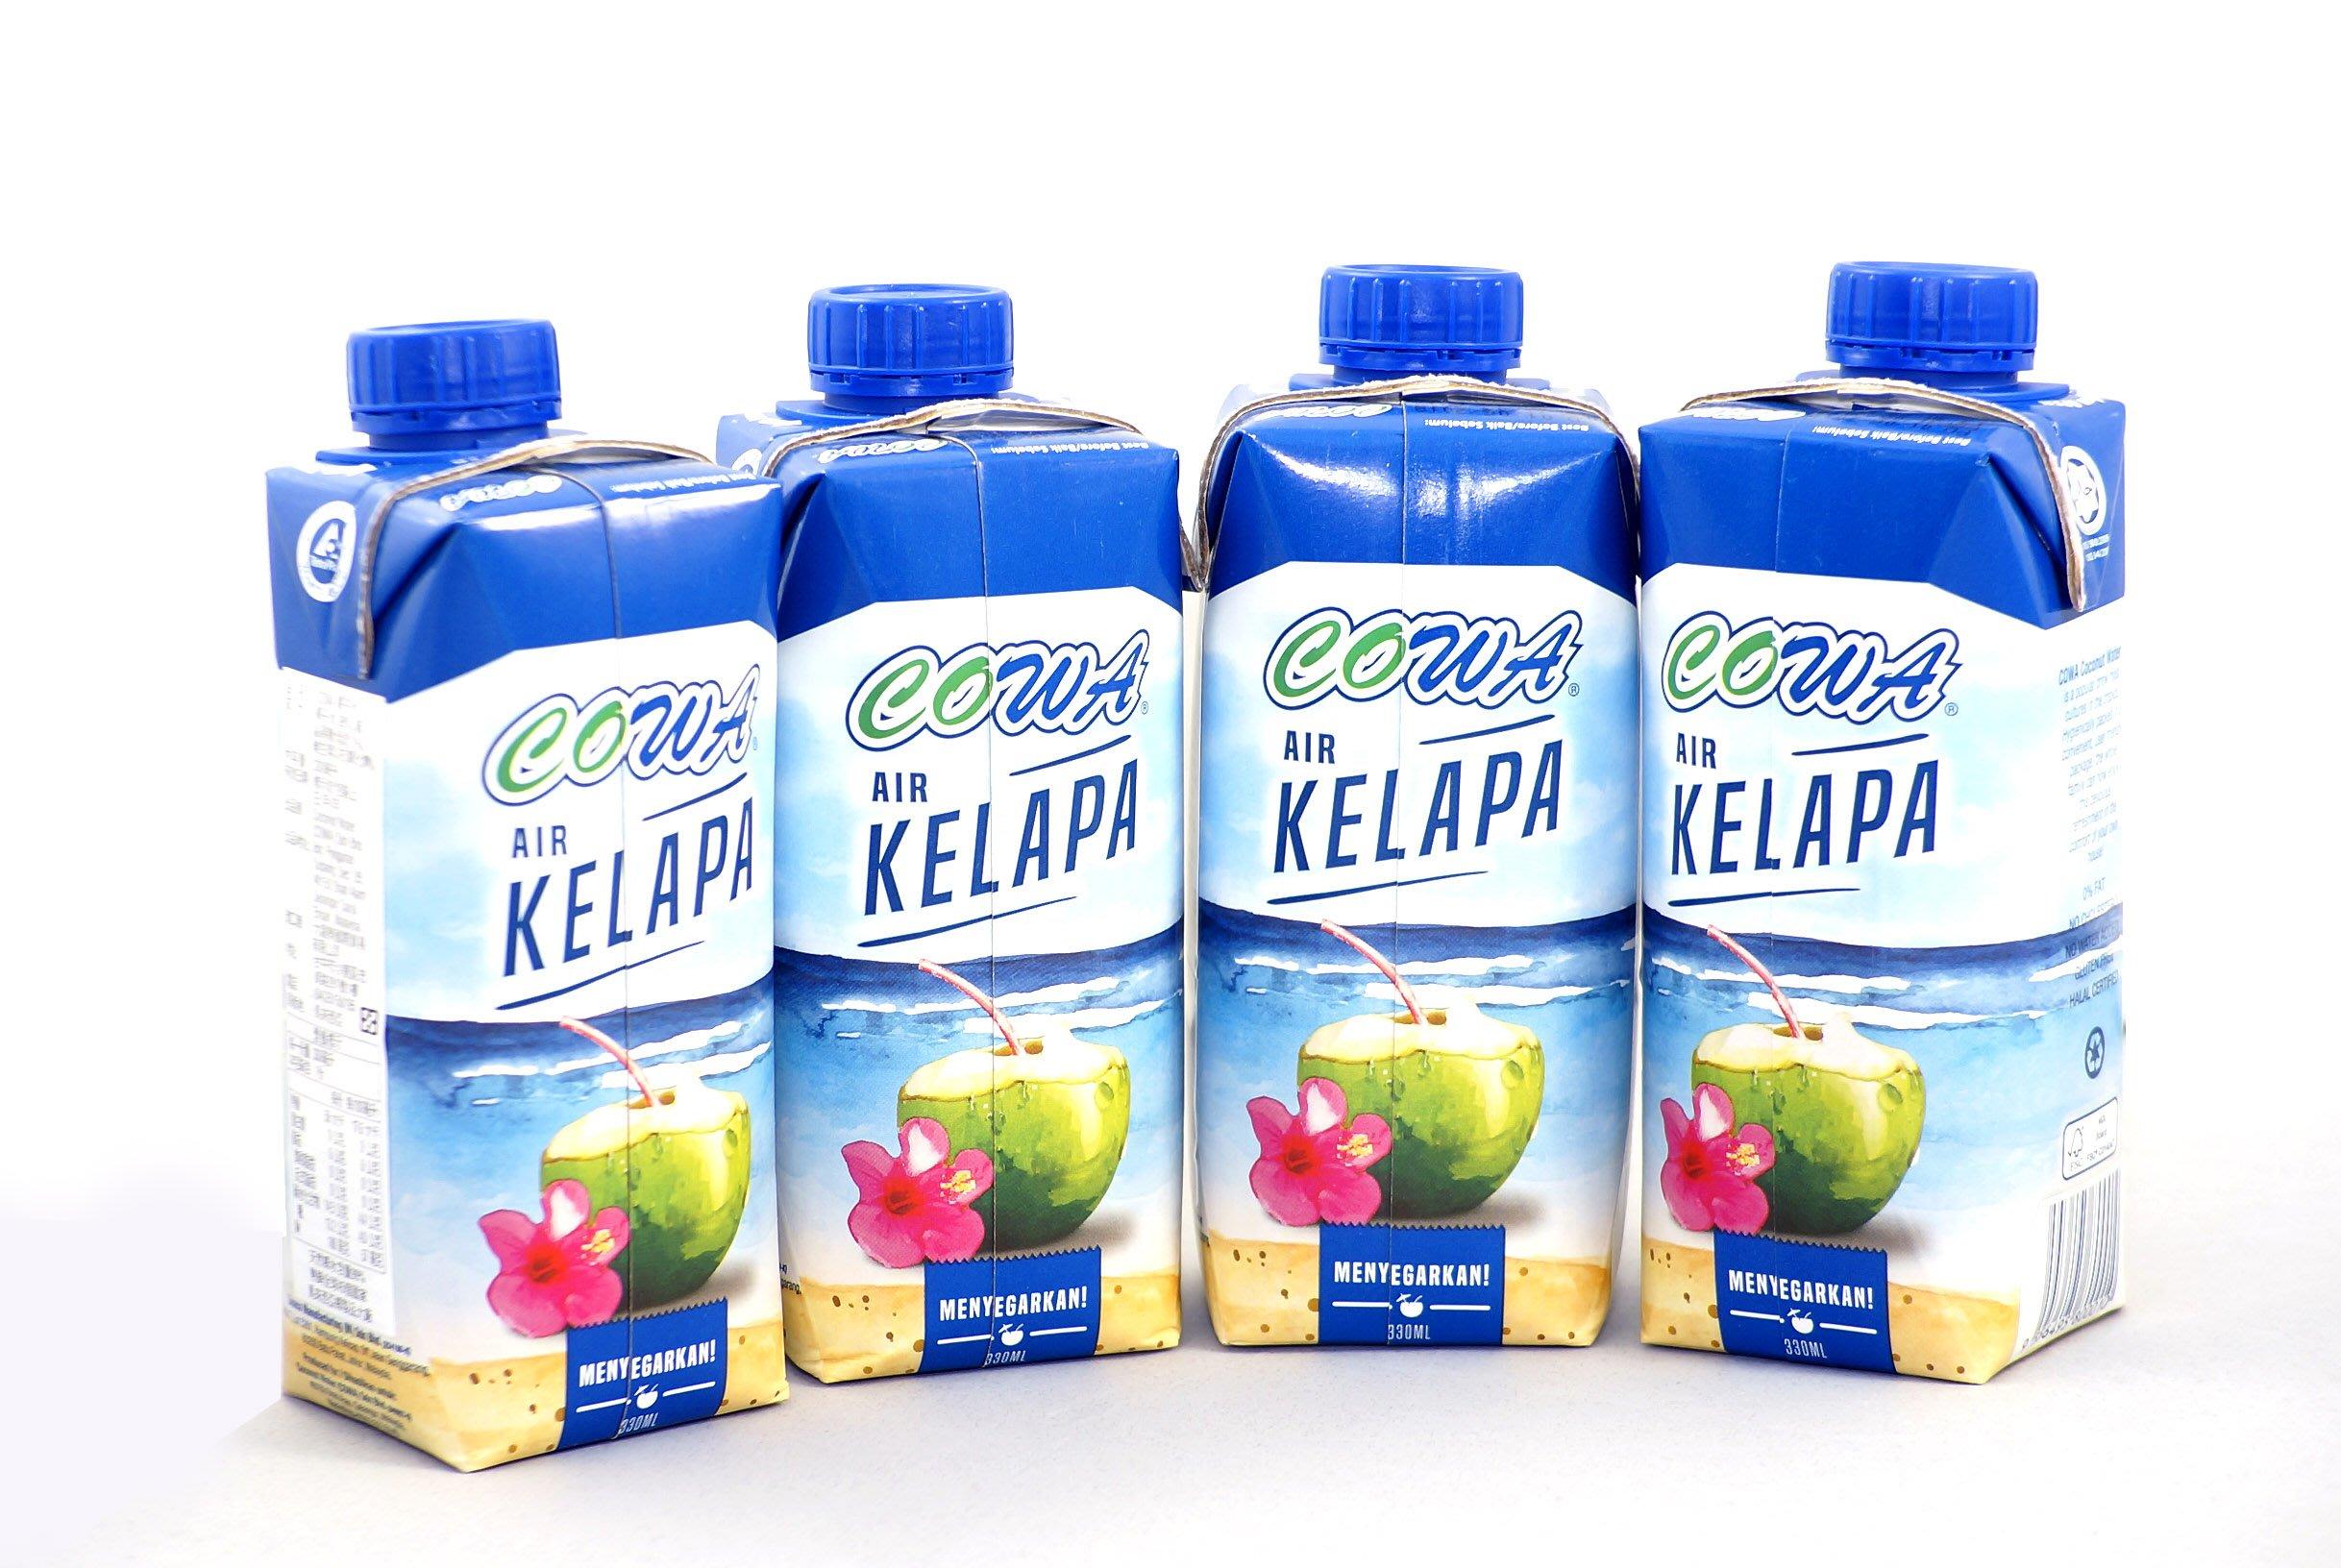 貨到付款!來自馬來西亞純天然椰子水! COWA椰子水 一箱12罐